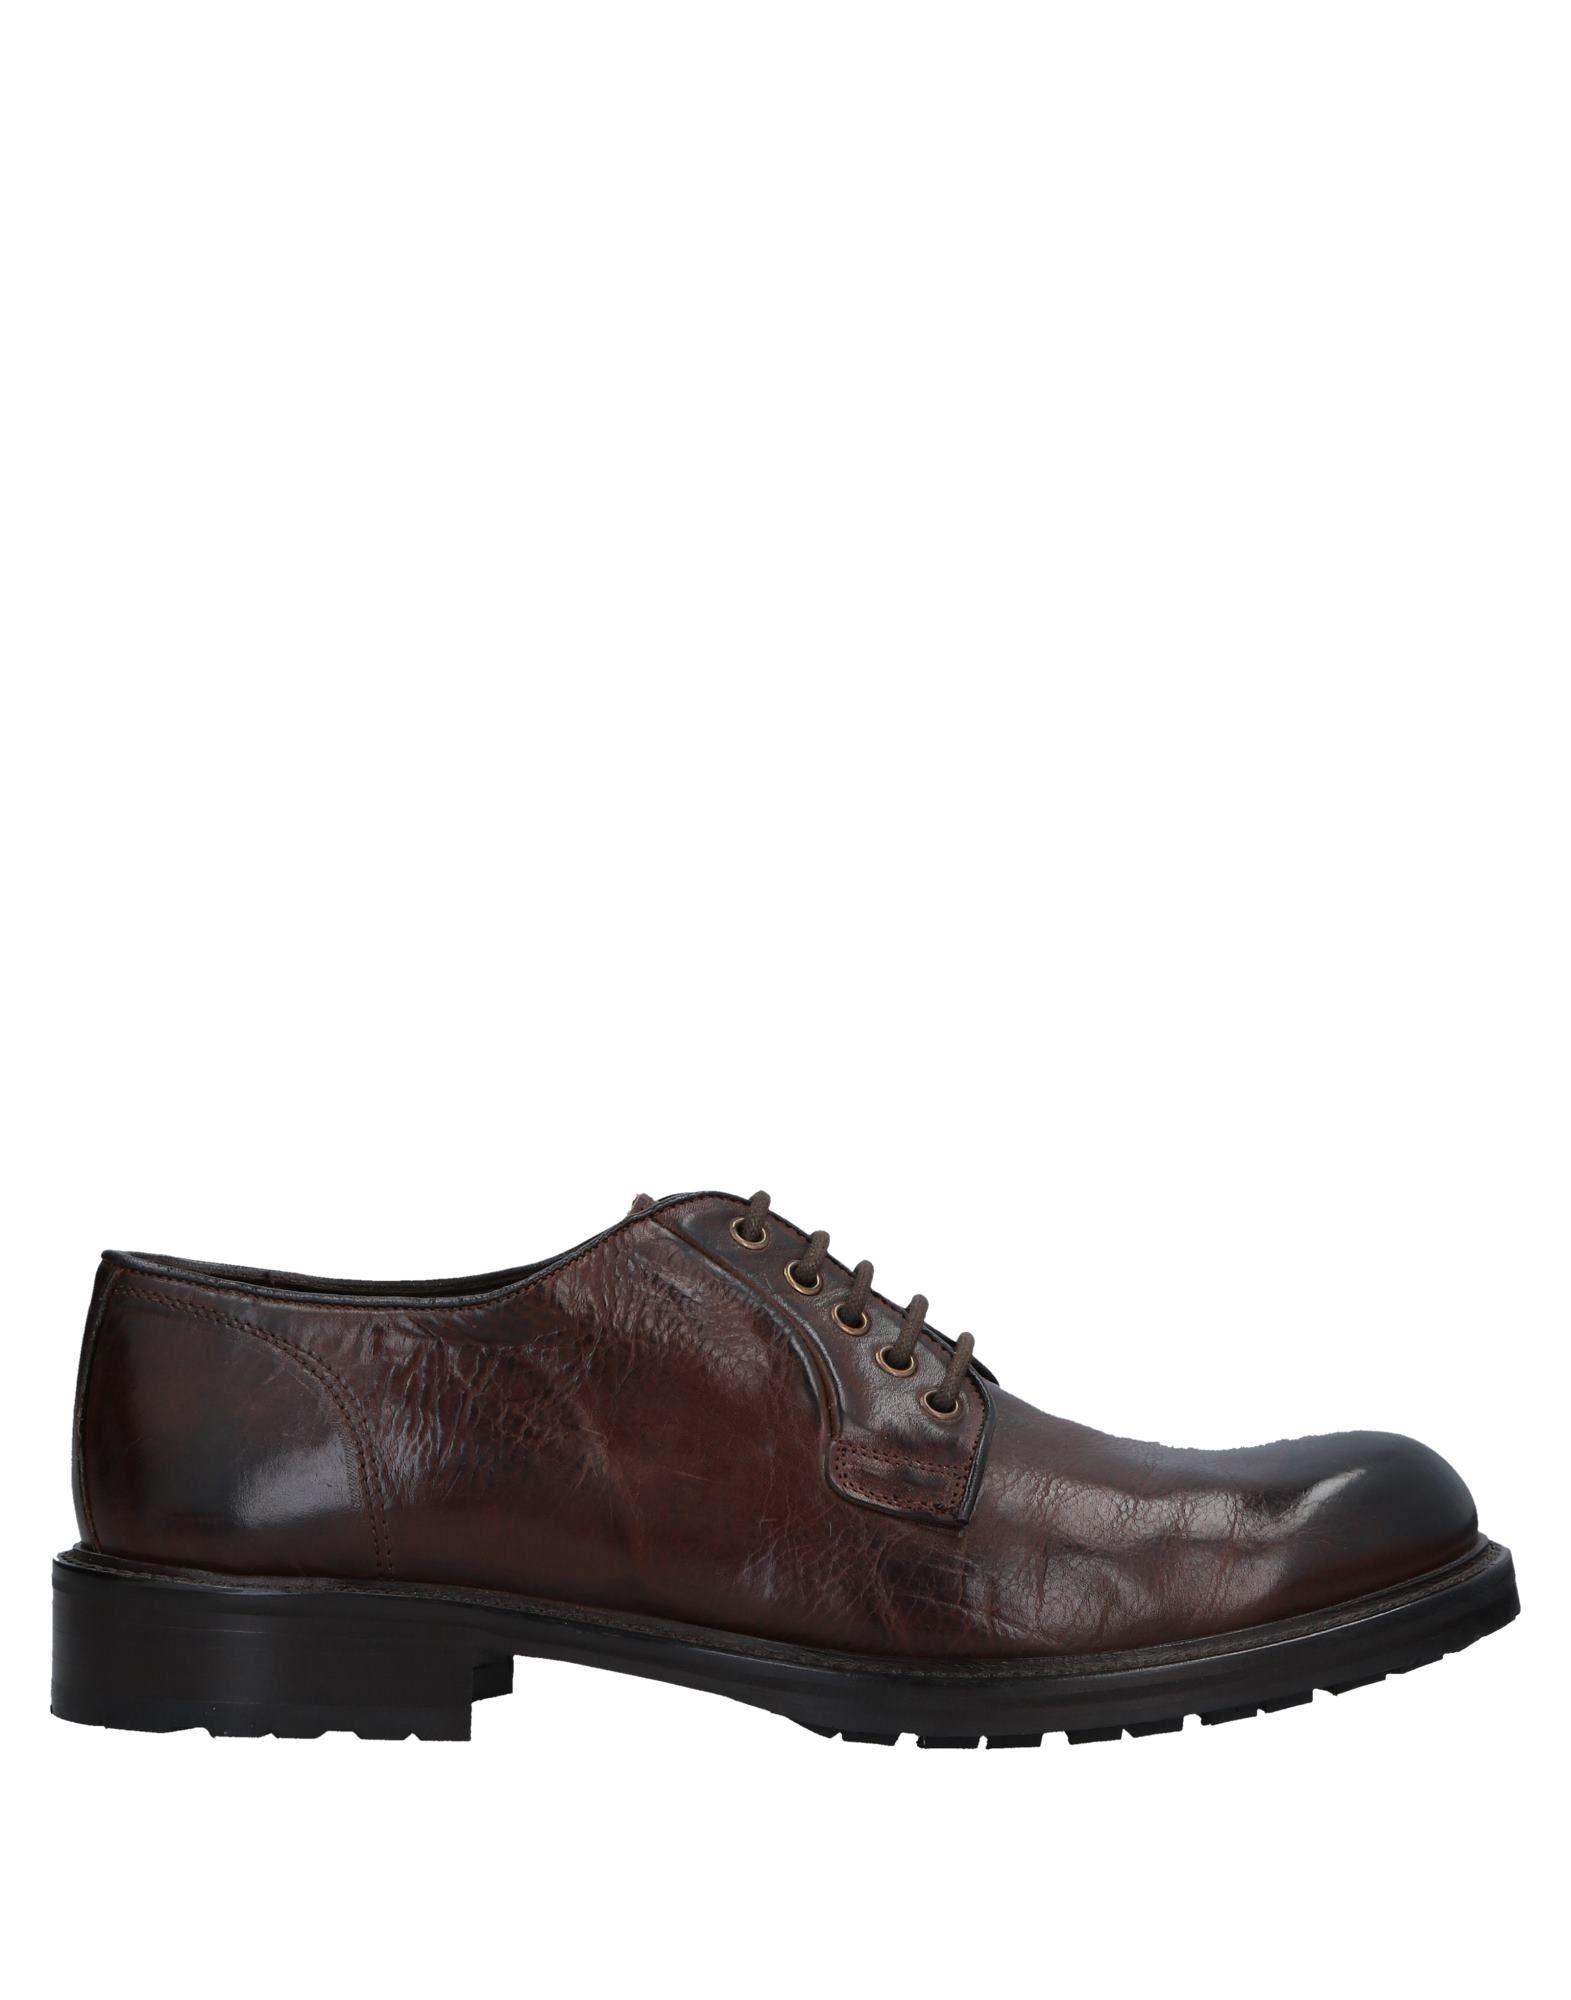 Rabatt echte Schuhe Savio Barbato Schnürschuhe Herren  11533886TT